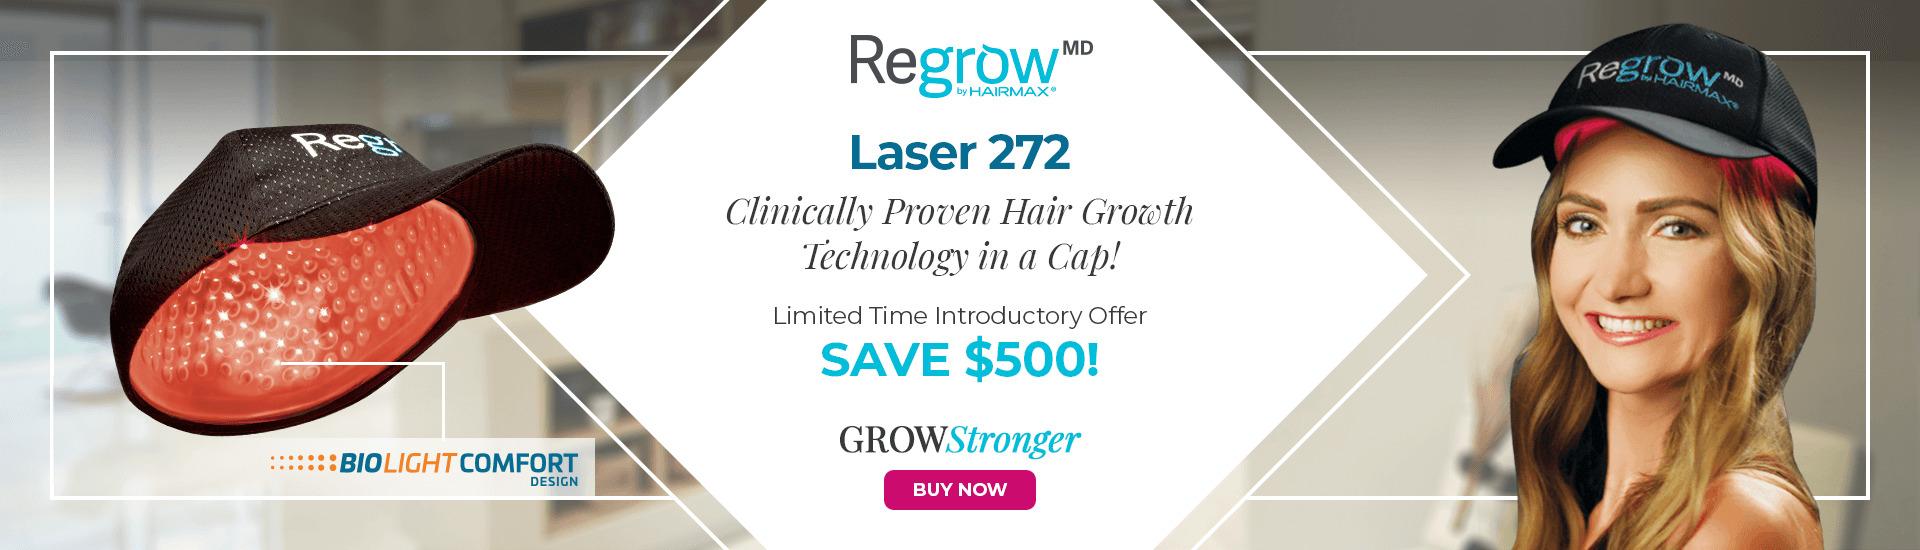 Save $500 on Laser 272